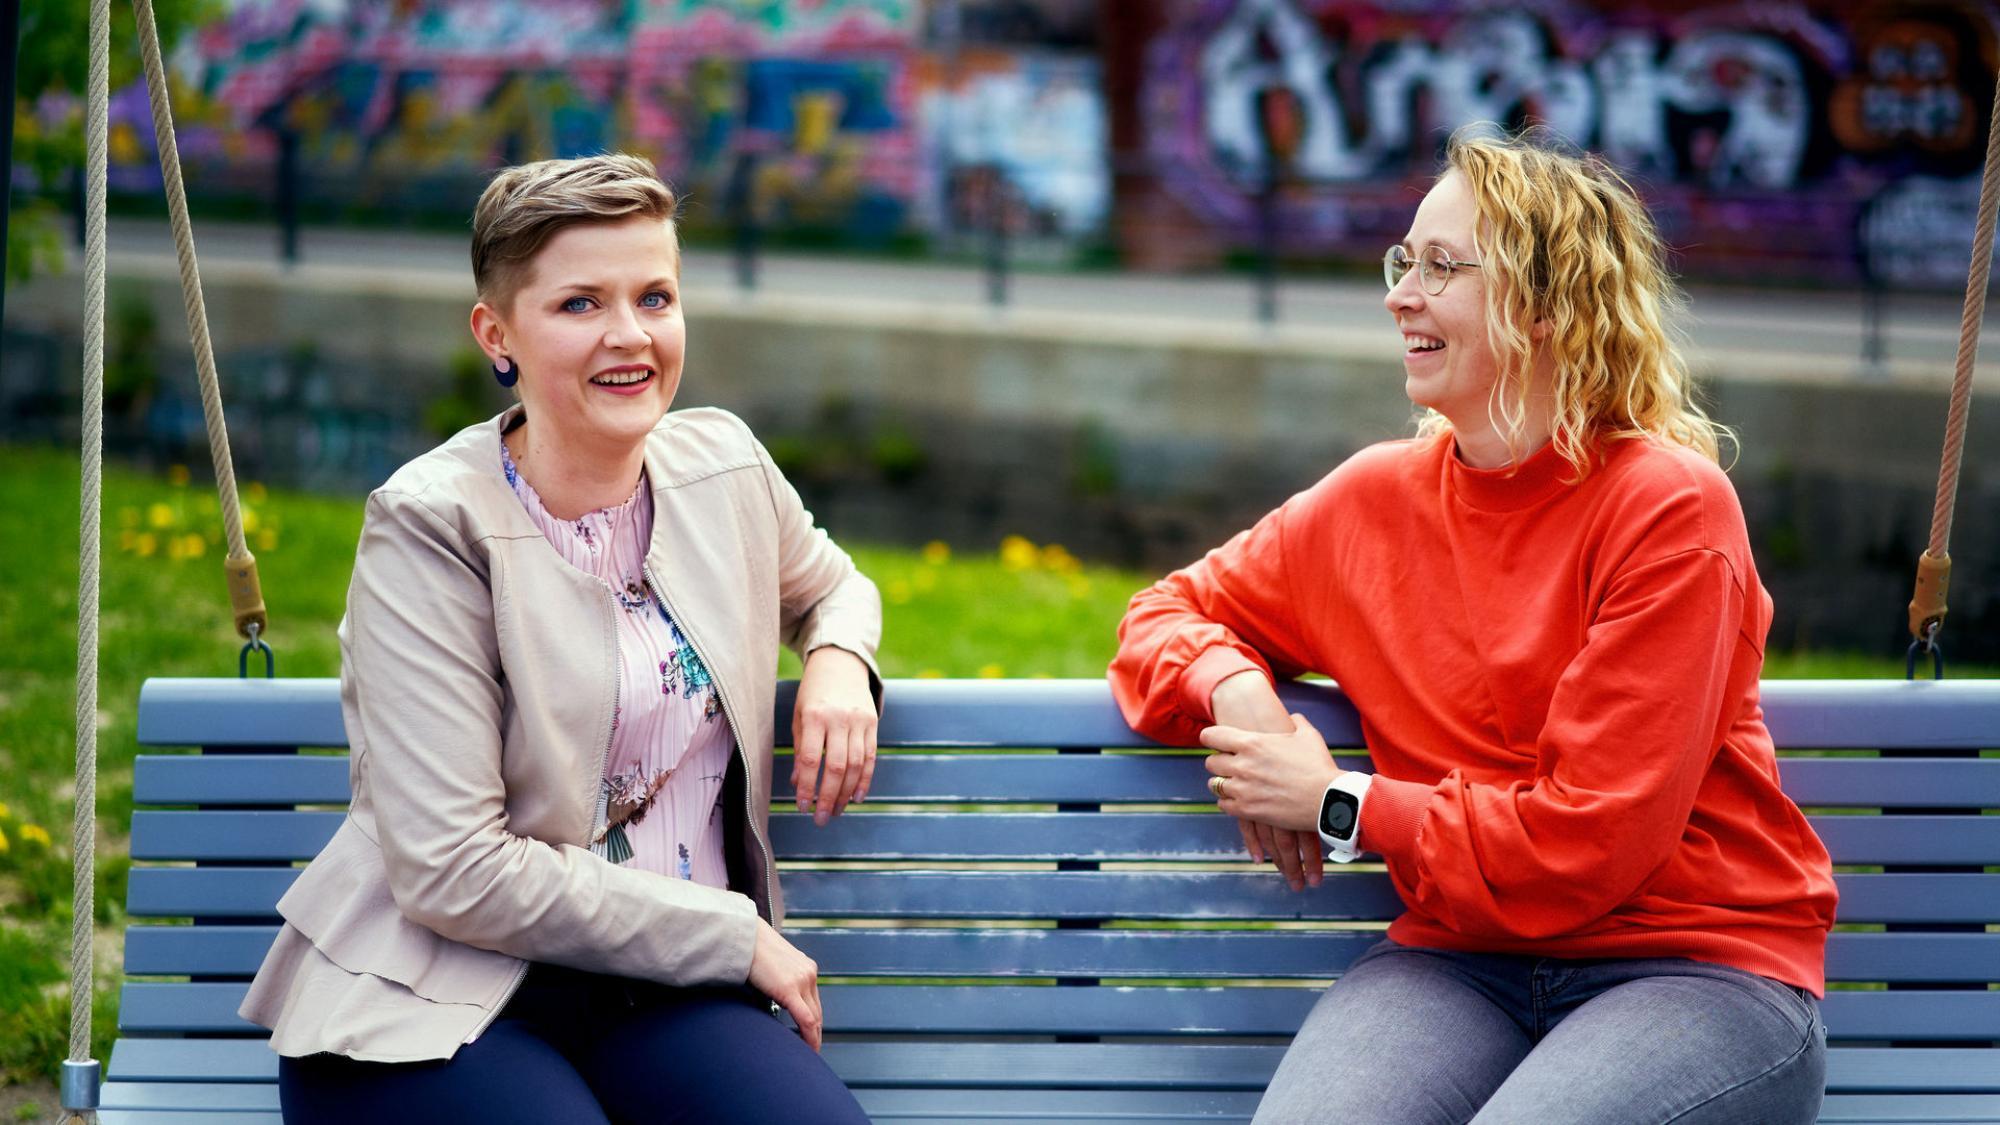 Kaksi naispuolista Oulun yliopiston alumnia istuu Ainolan puistossa kiikussa.